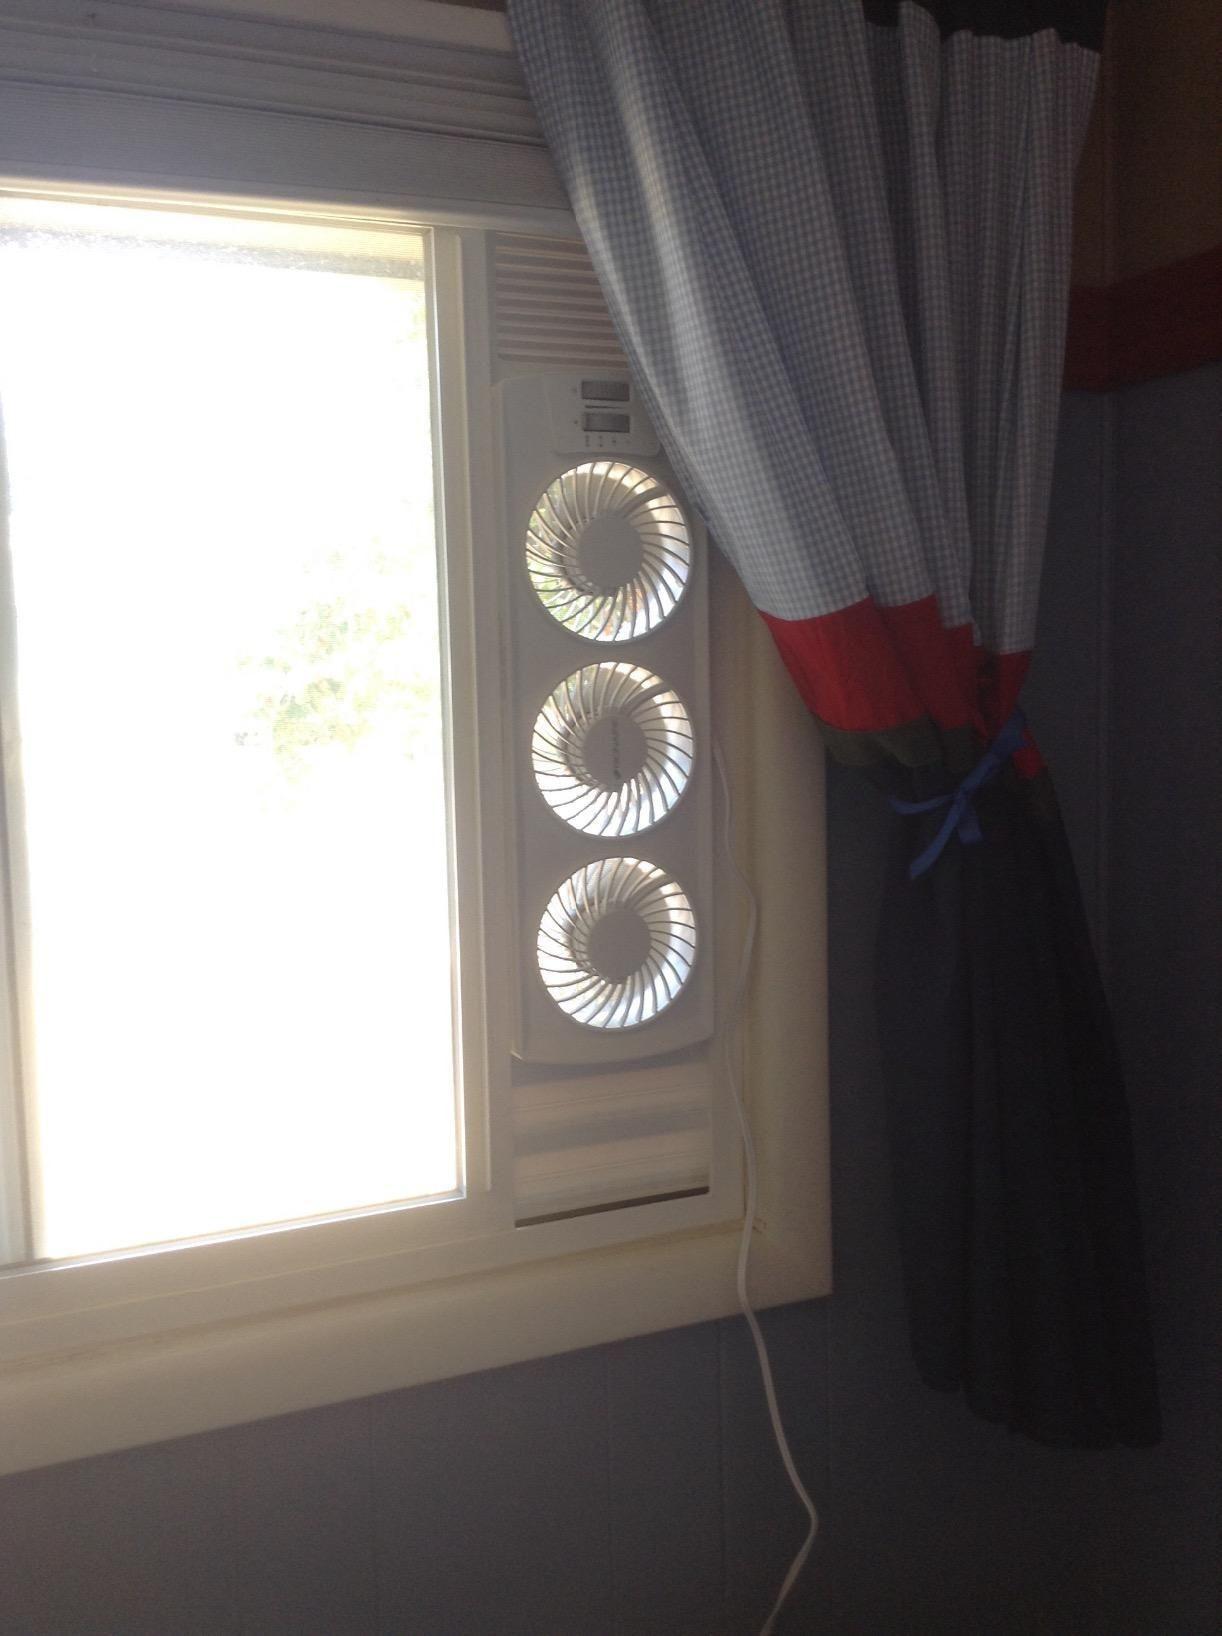 Pin By Gerald Saito On Cooling Fans In 2020 Bathroom Exhaust Fan Window Fans Exhaust Fan